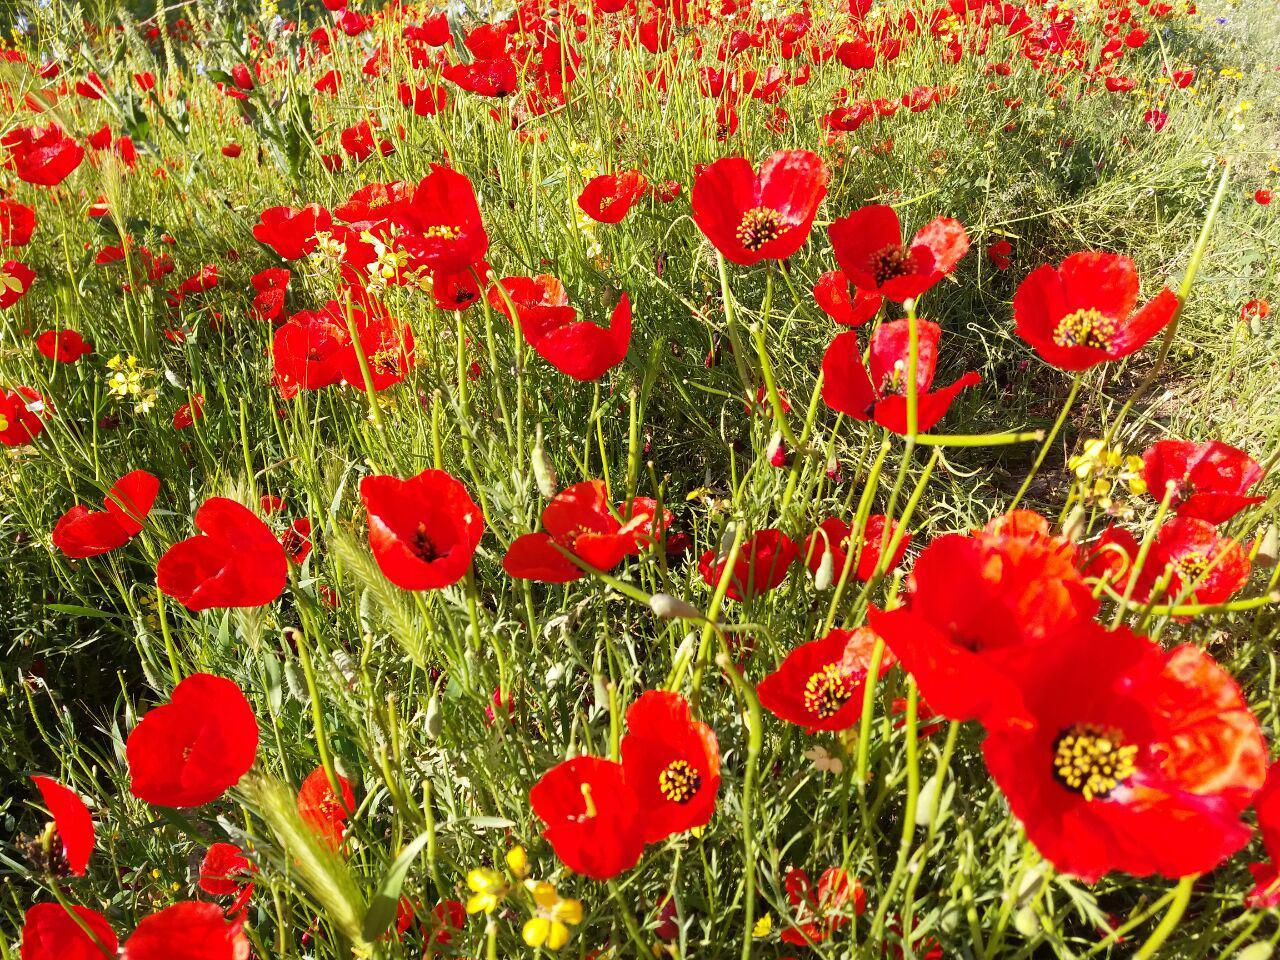 دشت زیبای گلهای شقایق در «صالحآباد» + فیلم